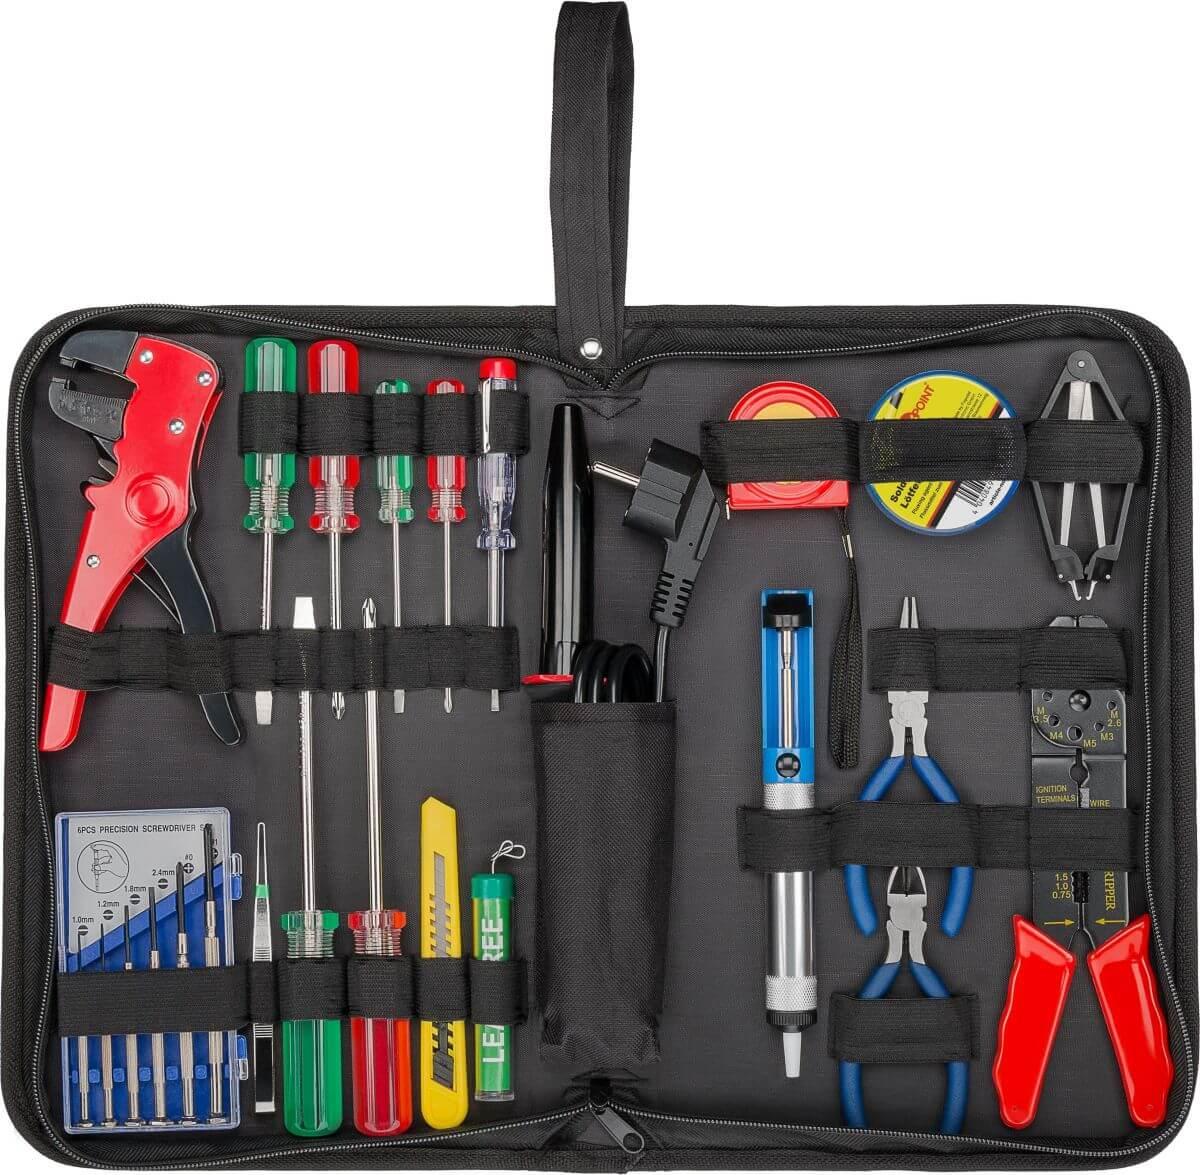 Elektro værktøjssæt med loddekolbe, loddetin, tinsuger og en række andet håndværktøj. Pakket i praktsik etui.